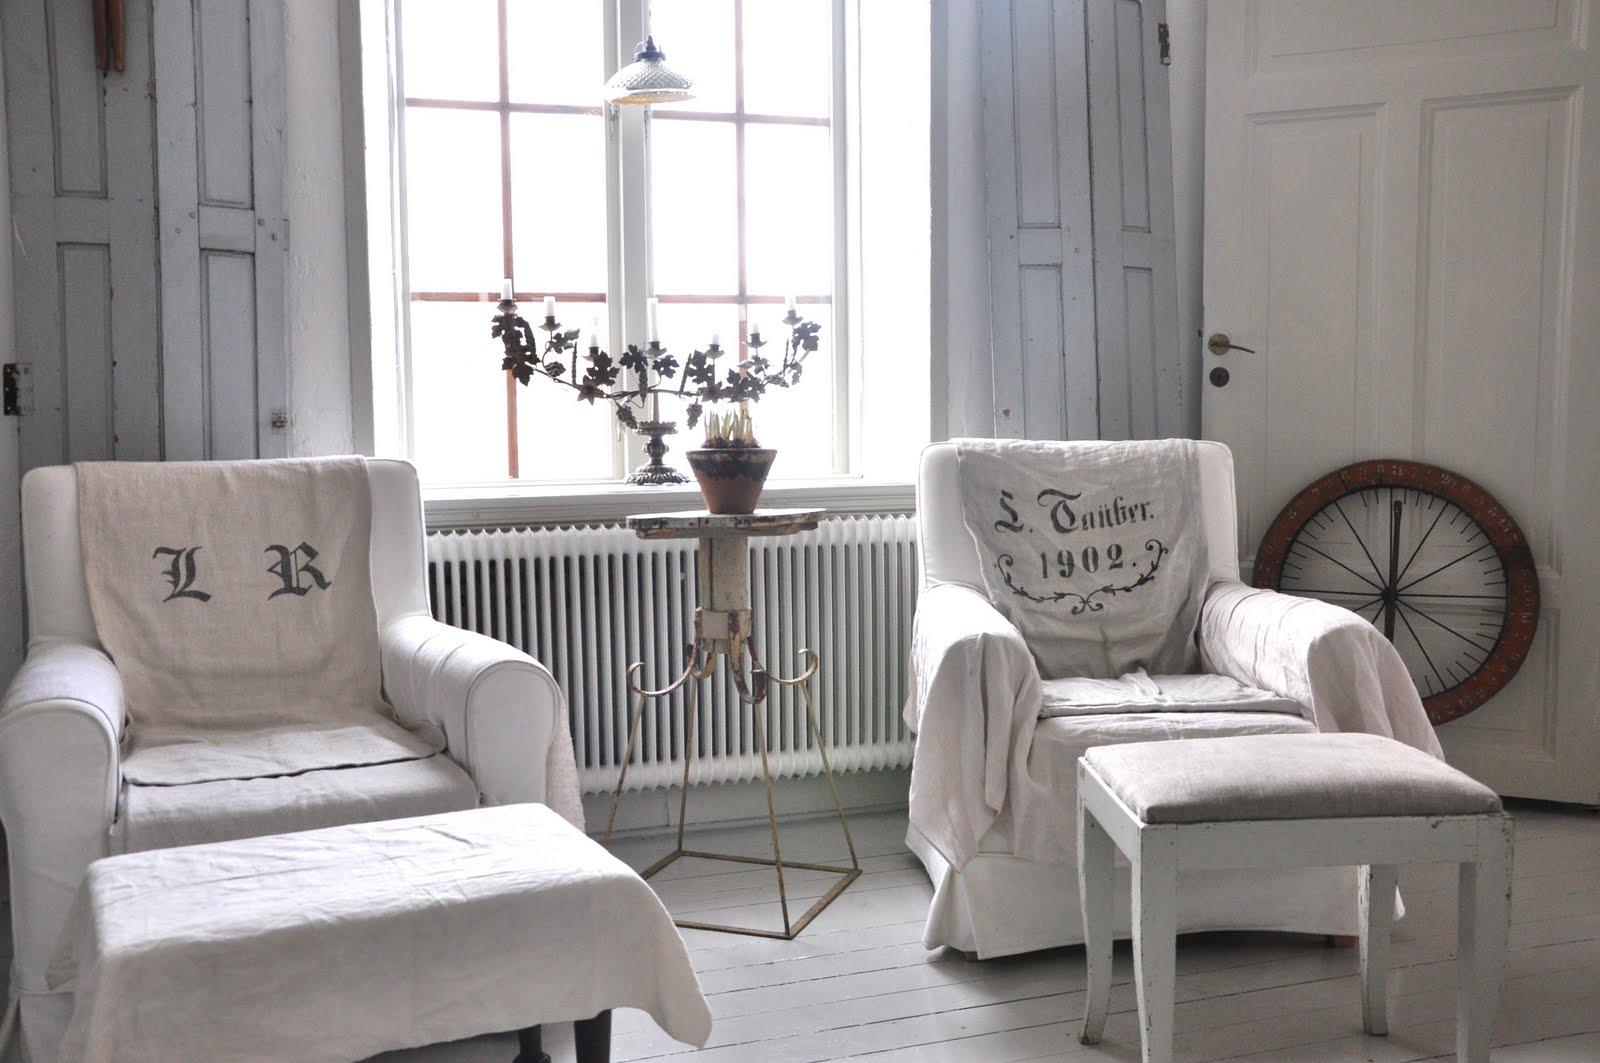 La casa di susanne in svezia crocevia tra stile shabby - La casa vintage ...